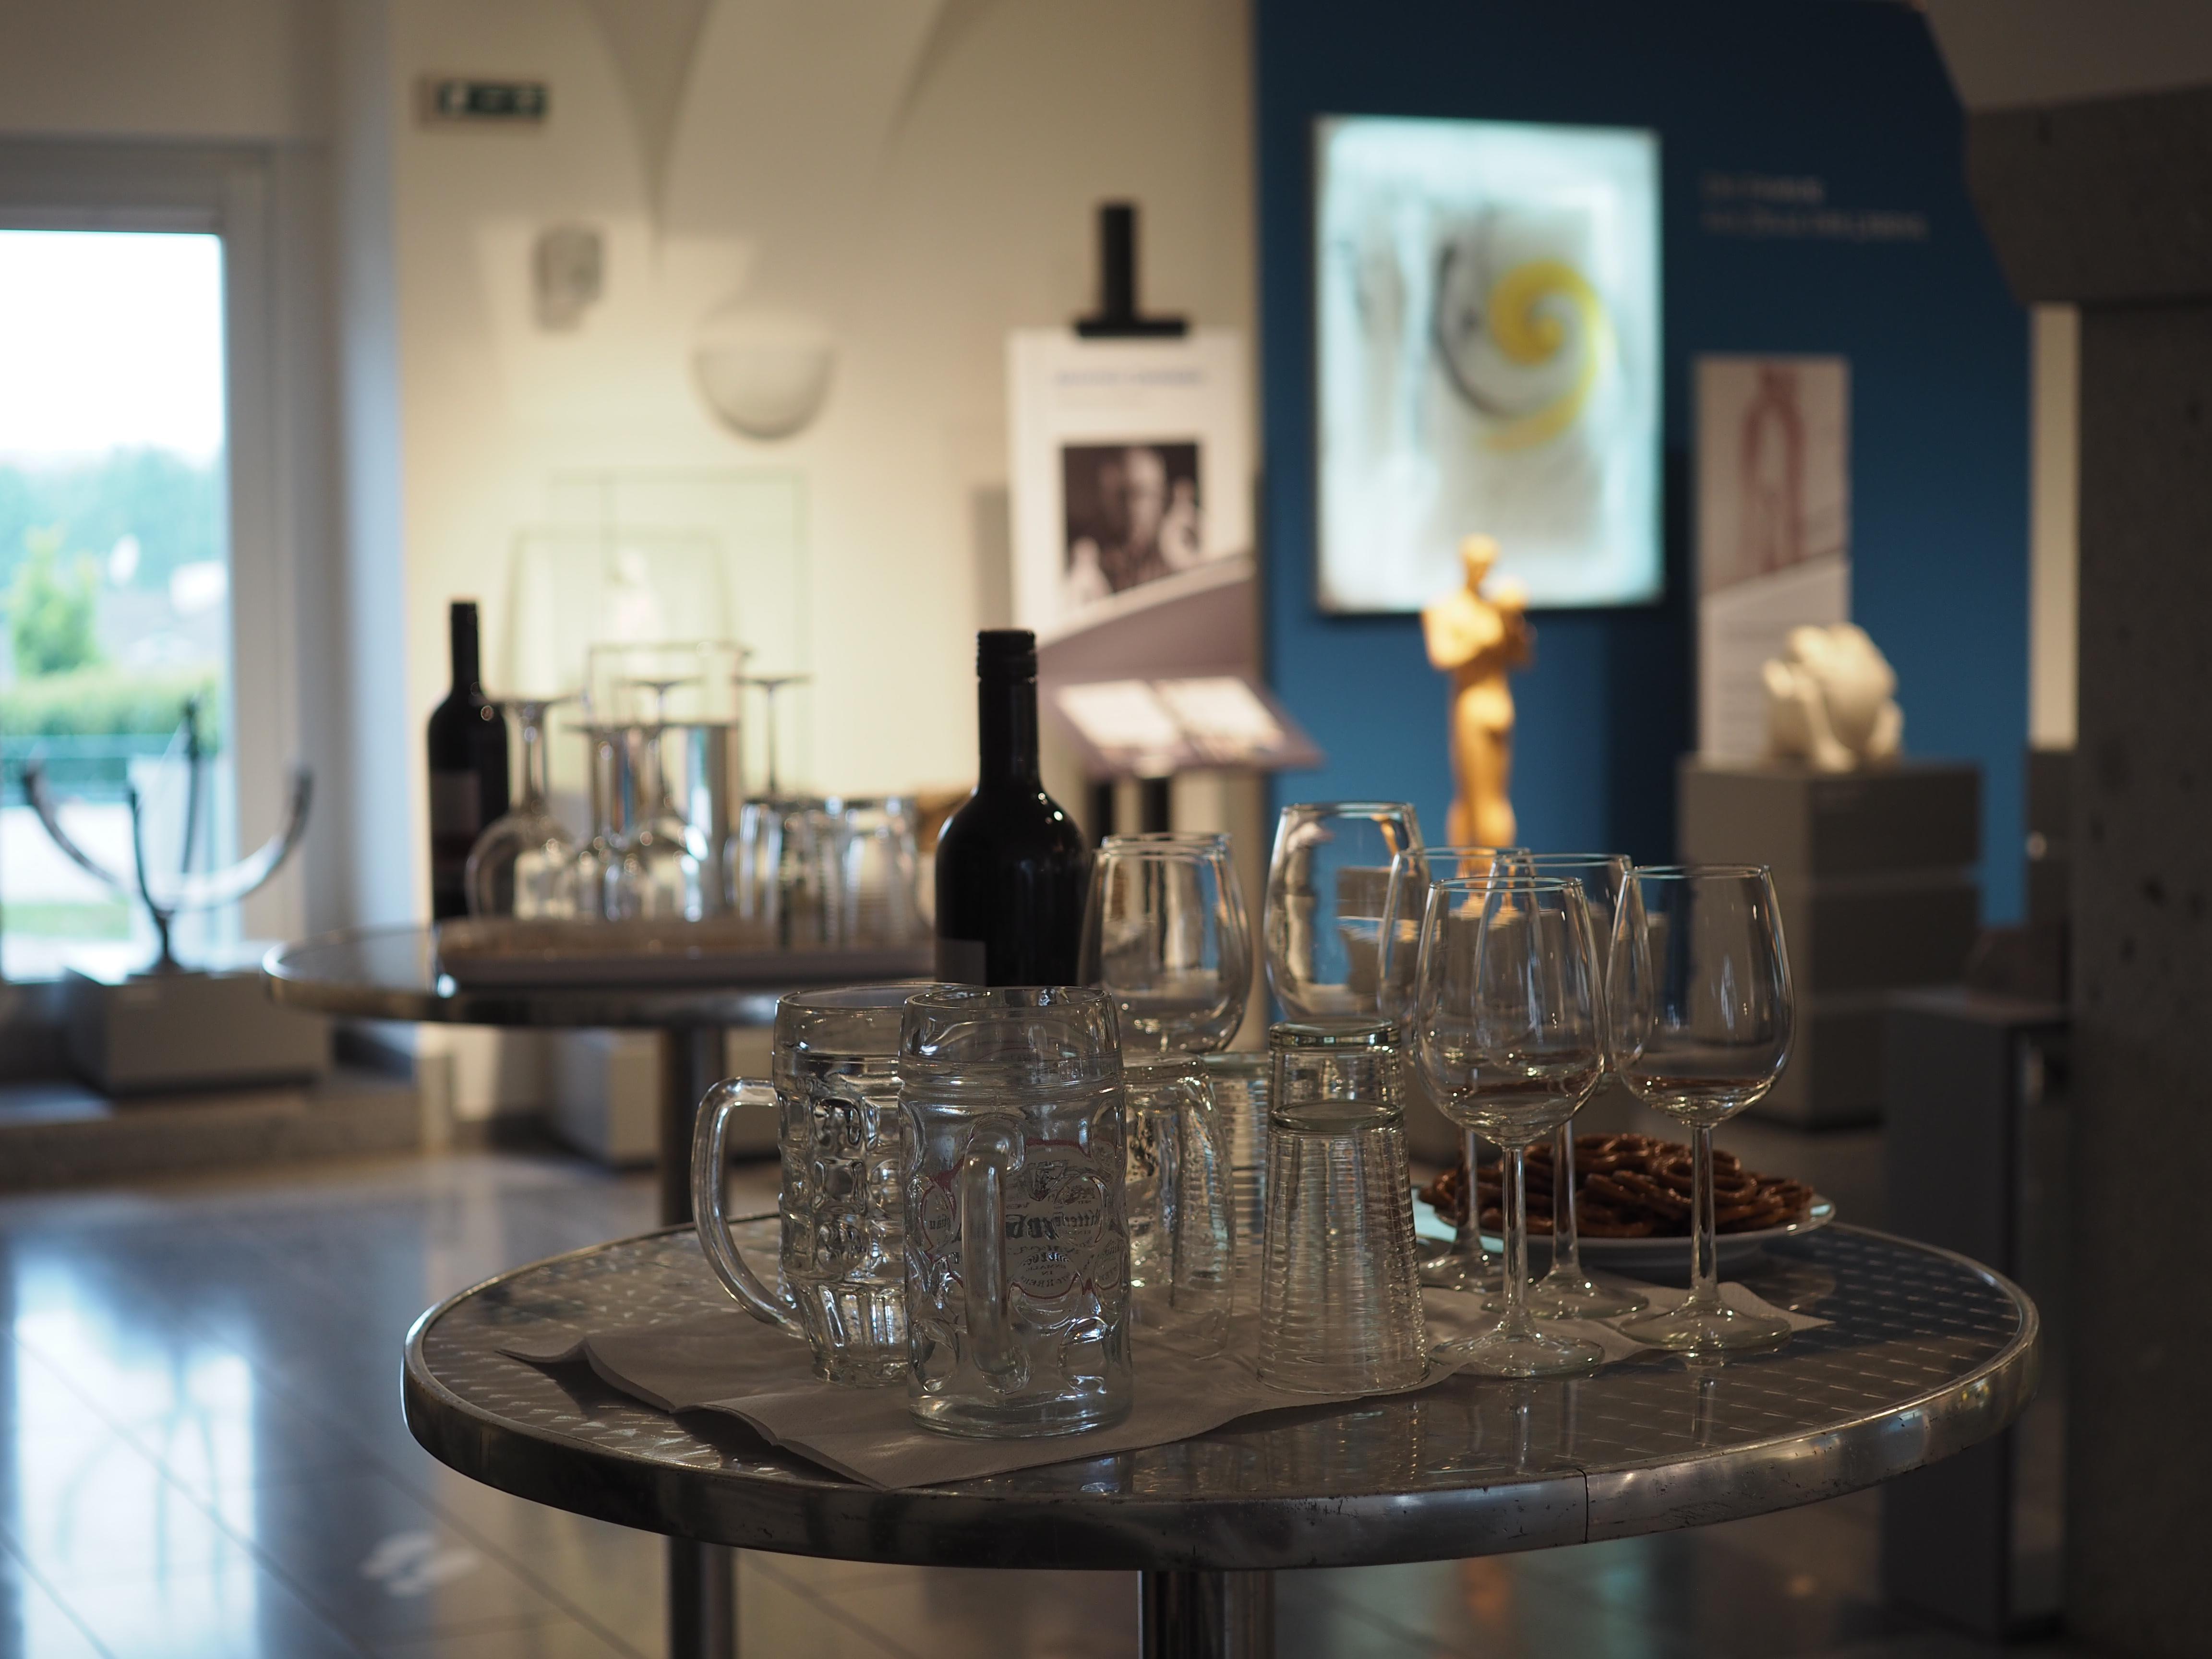 2018-05-05_Internationaler_Museumstag_Sonderführung_mit_Wein_(30)